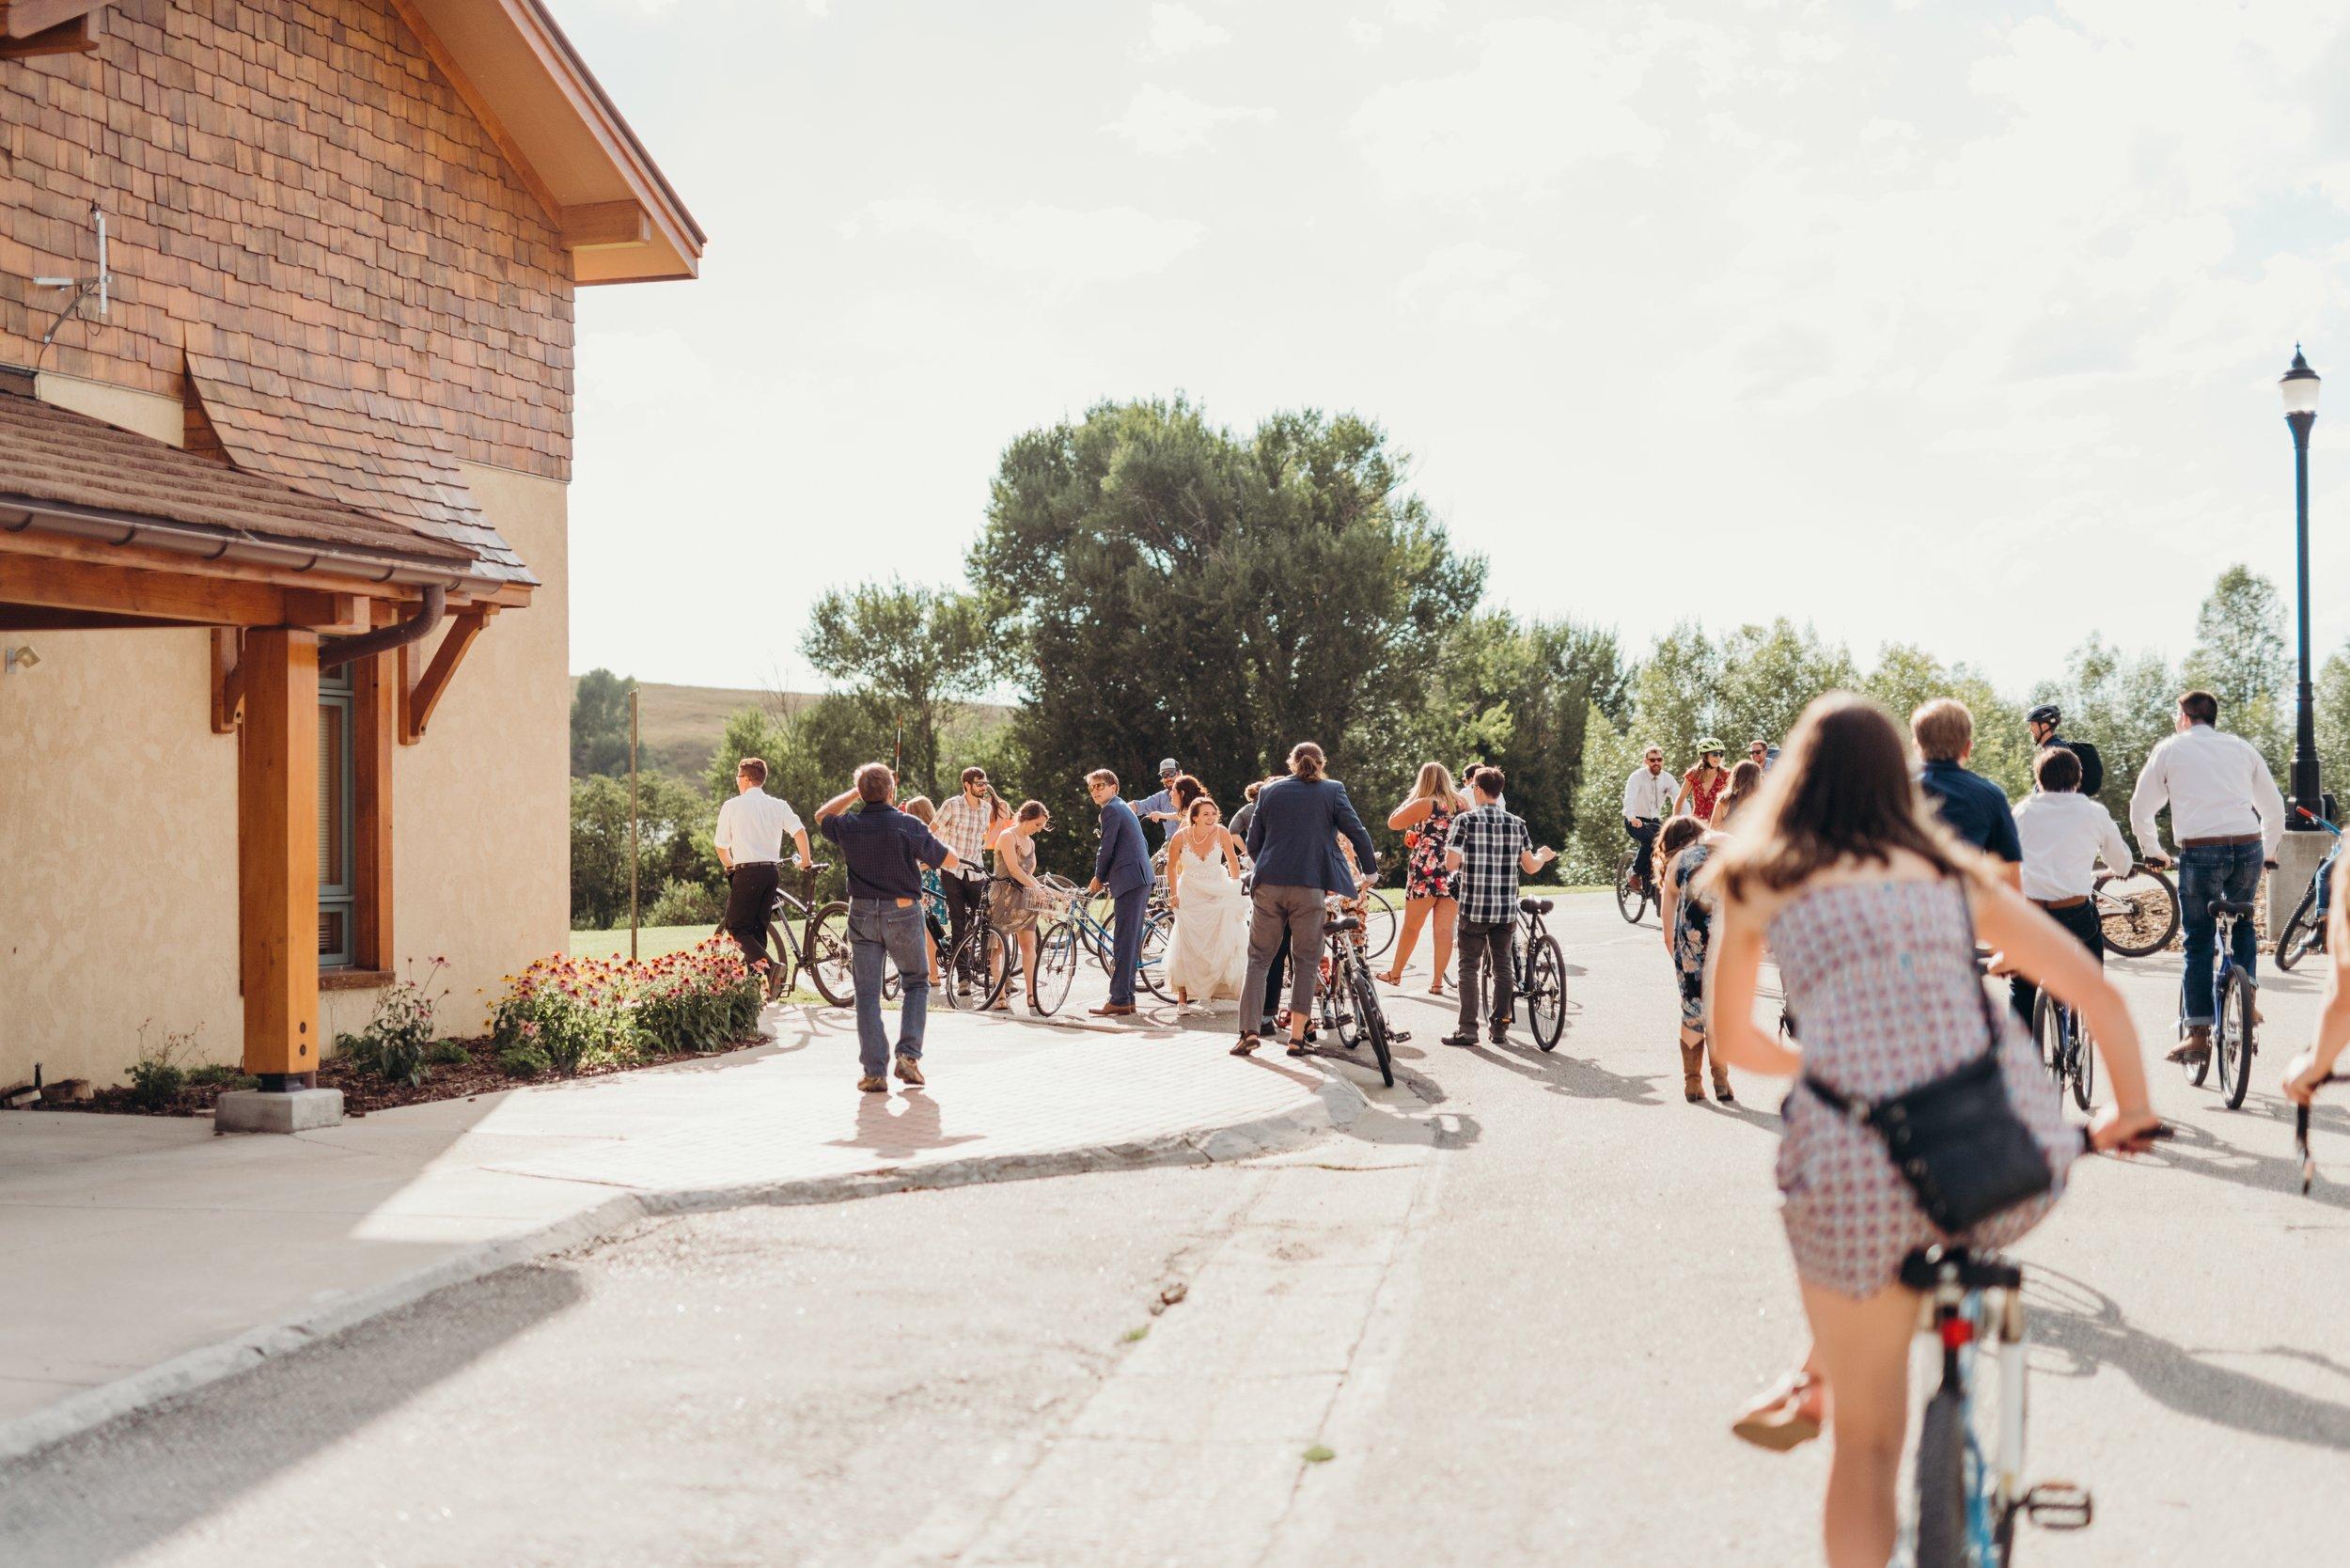 07 Bike Gang-61.jpeg